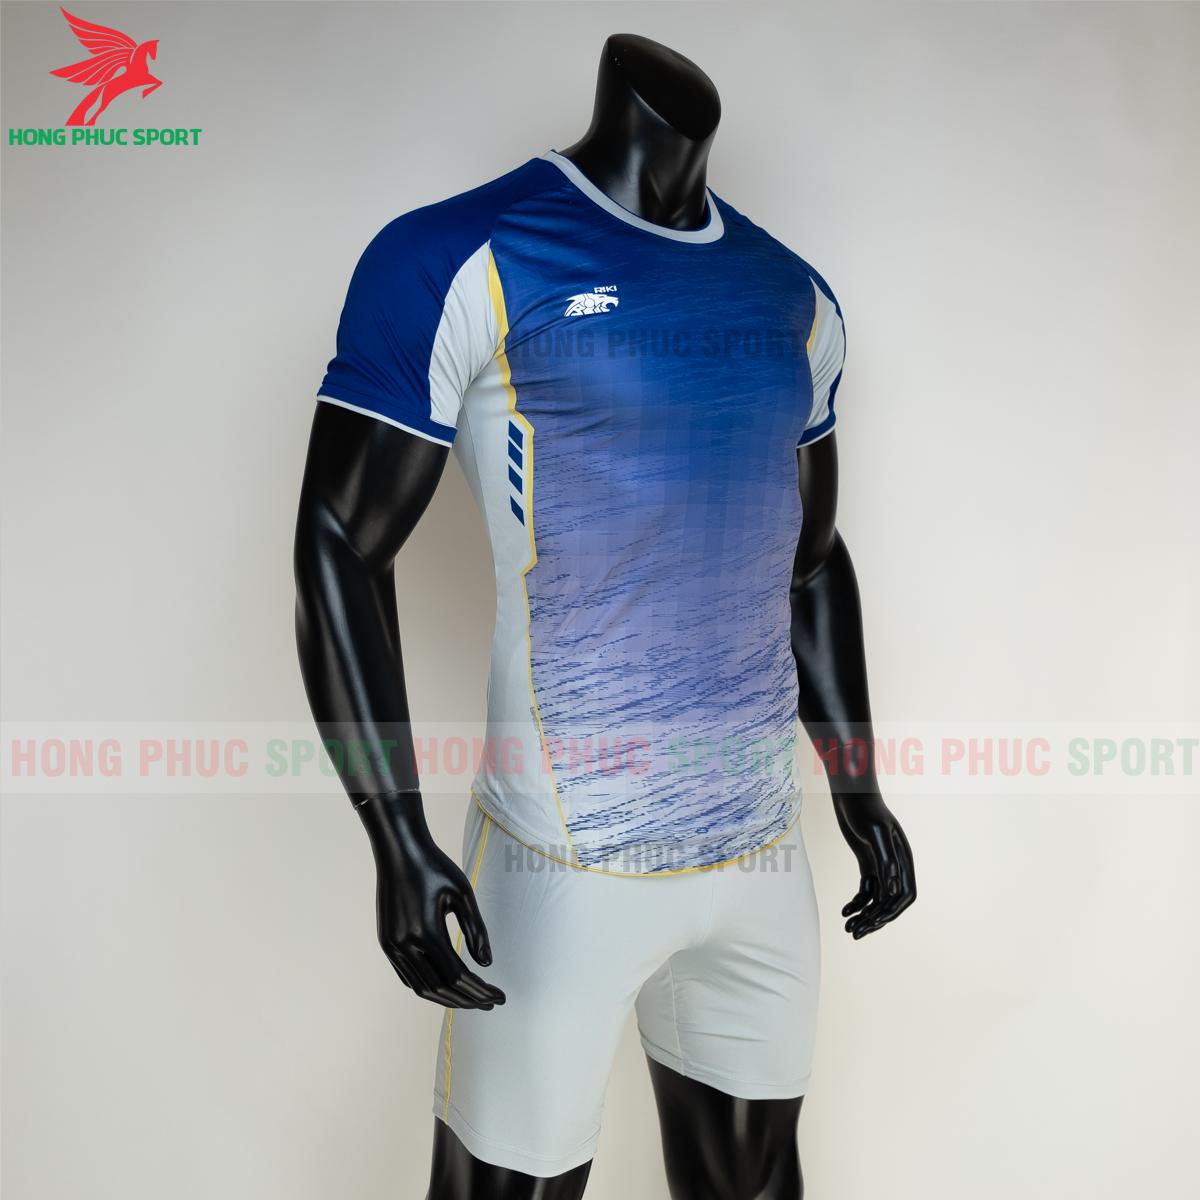 https://cdn.hongphucsport.com/unsafe/s4.shopbay.vn/files/285/ao-bong-da-khong-logo-riki-grambor-mau-xanh-duong-6-6050613ec9885.png